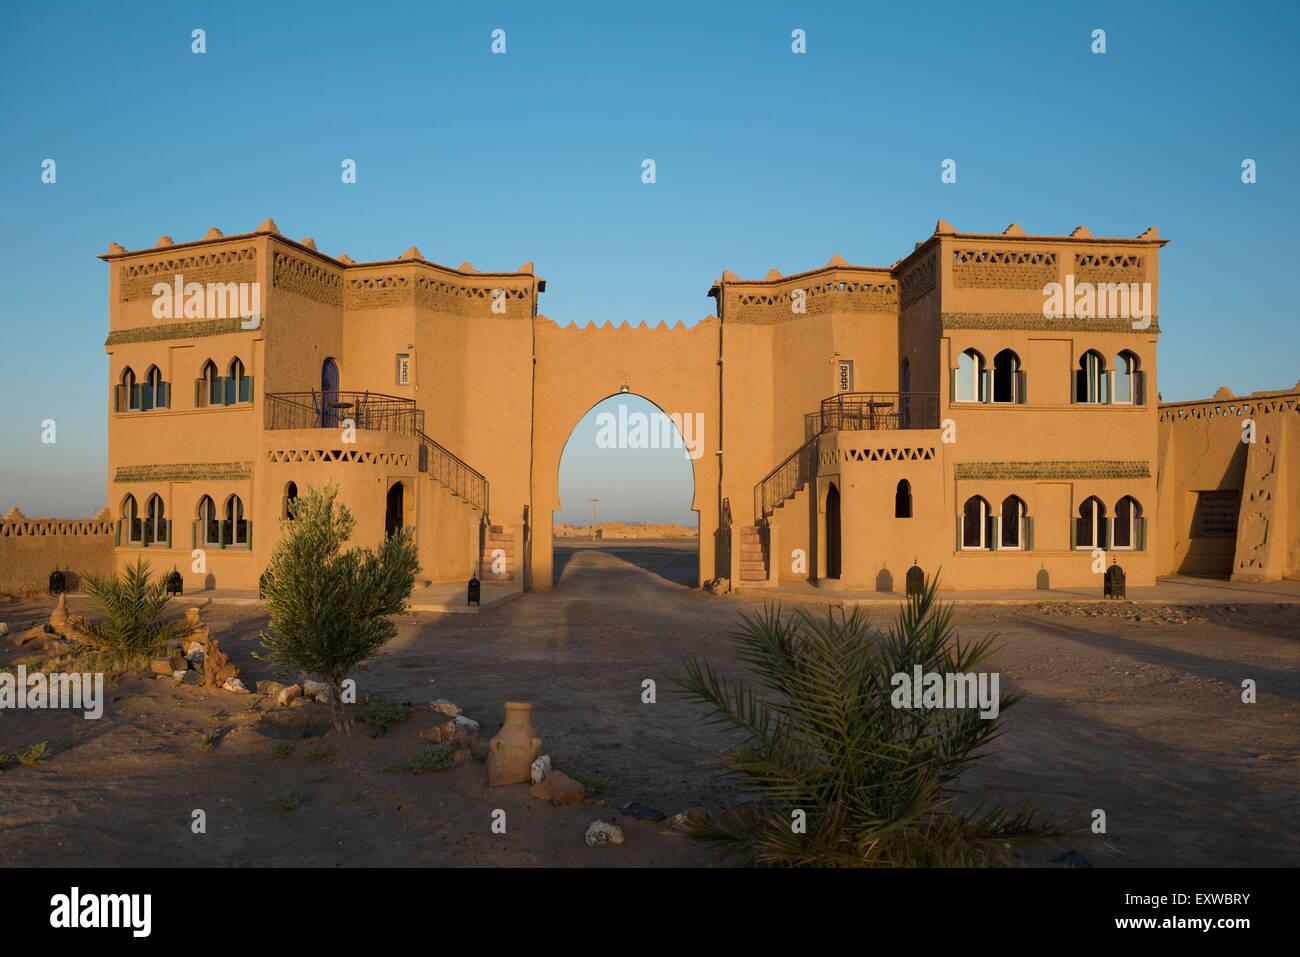 Kasbah style hotel, clay construction, Merzouga, Meknès-Tafilalet Region, Morocco Stock Photo